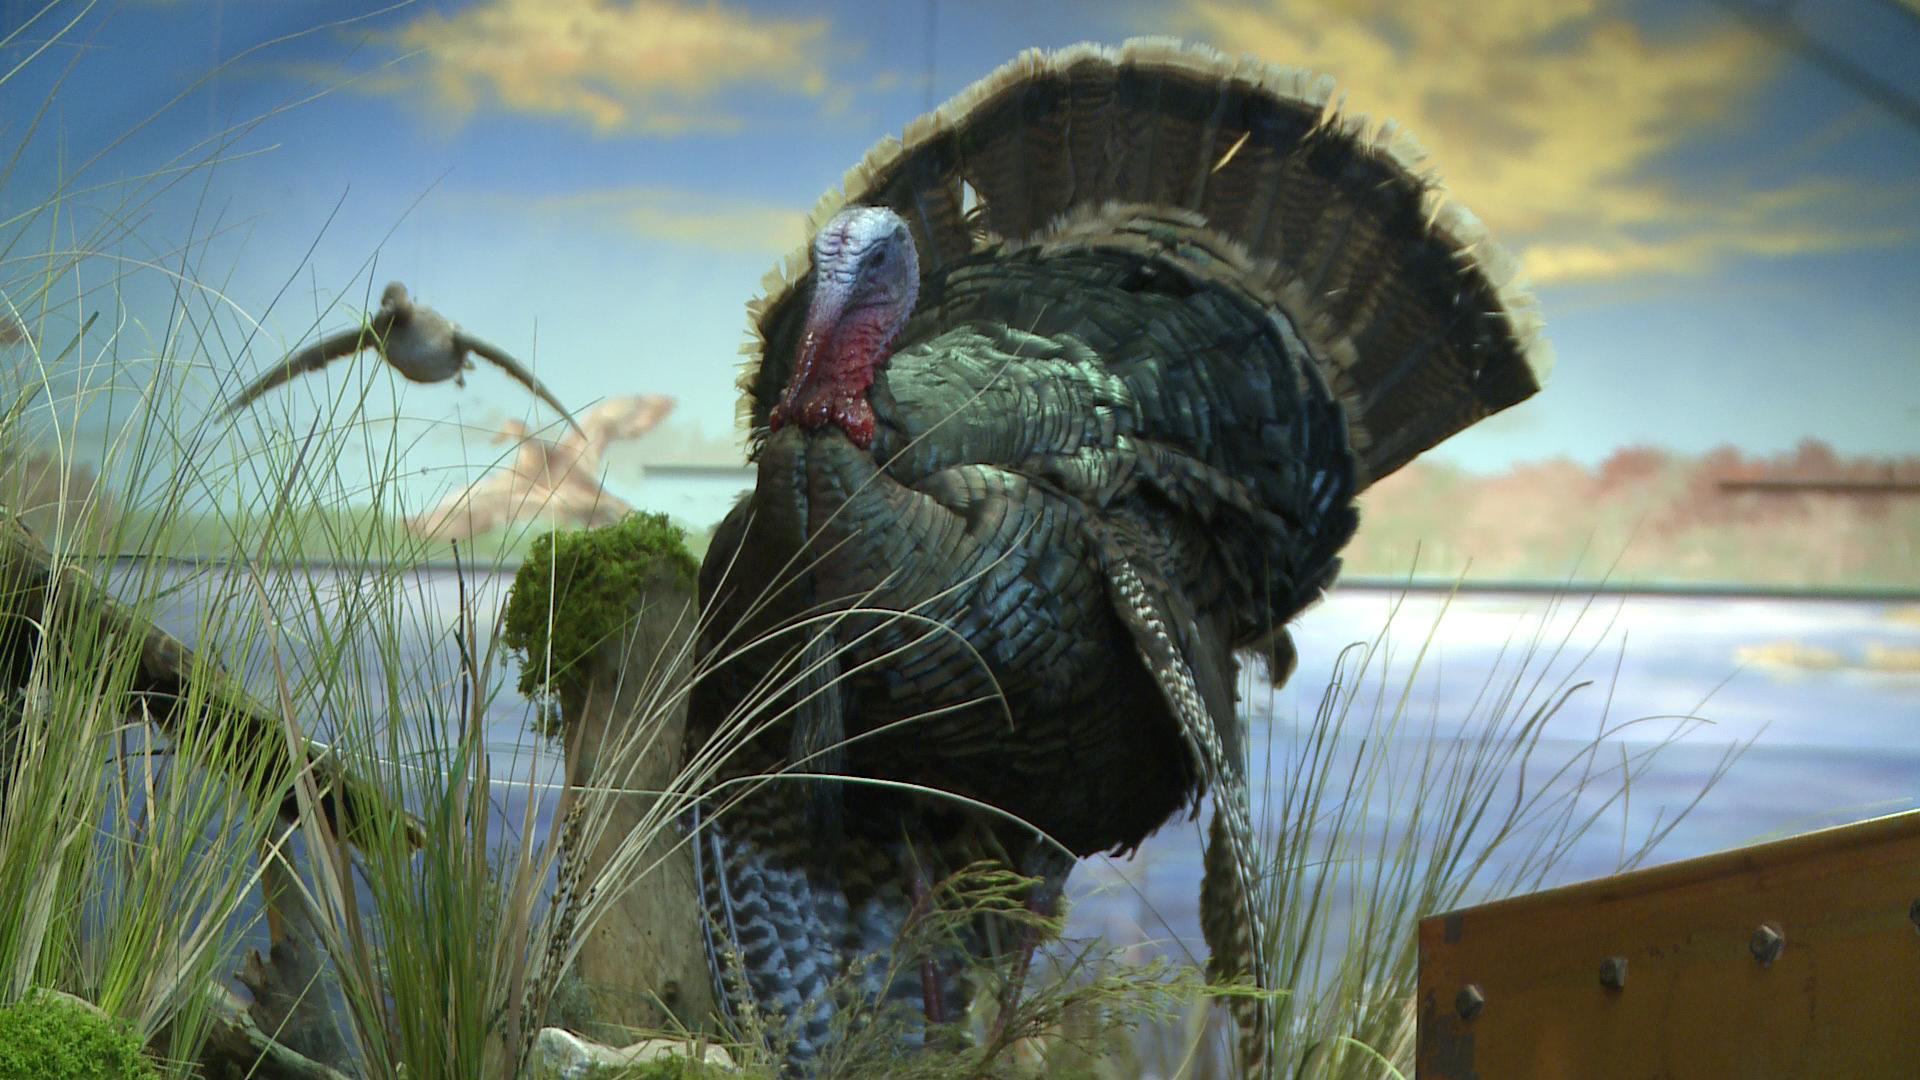 turkey wallpaper 1920x1080 - photo #9